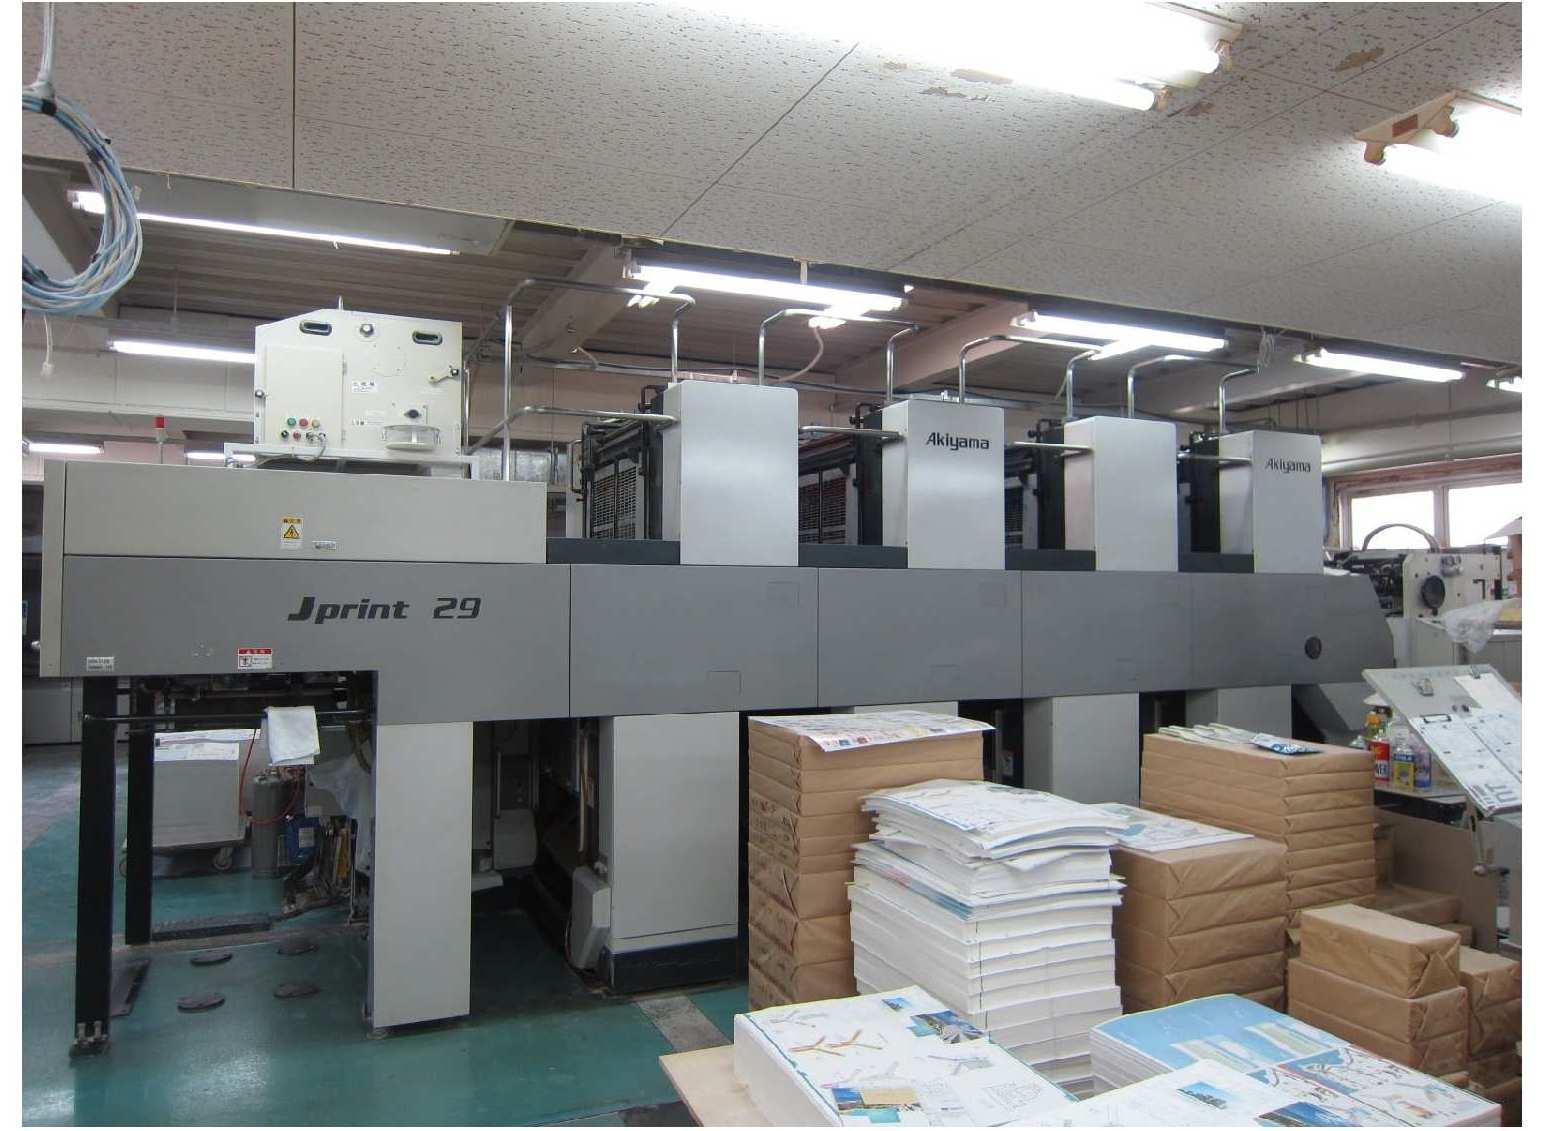 Tiến hành in ấn sau khi thiết kế